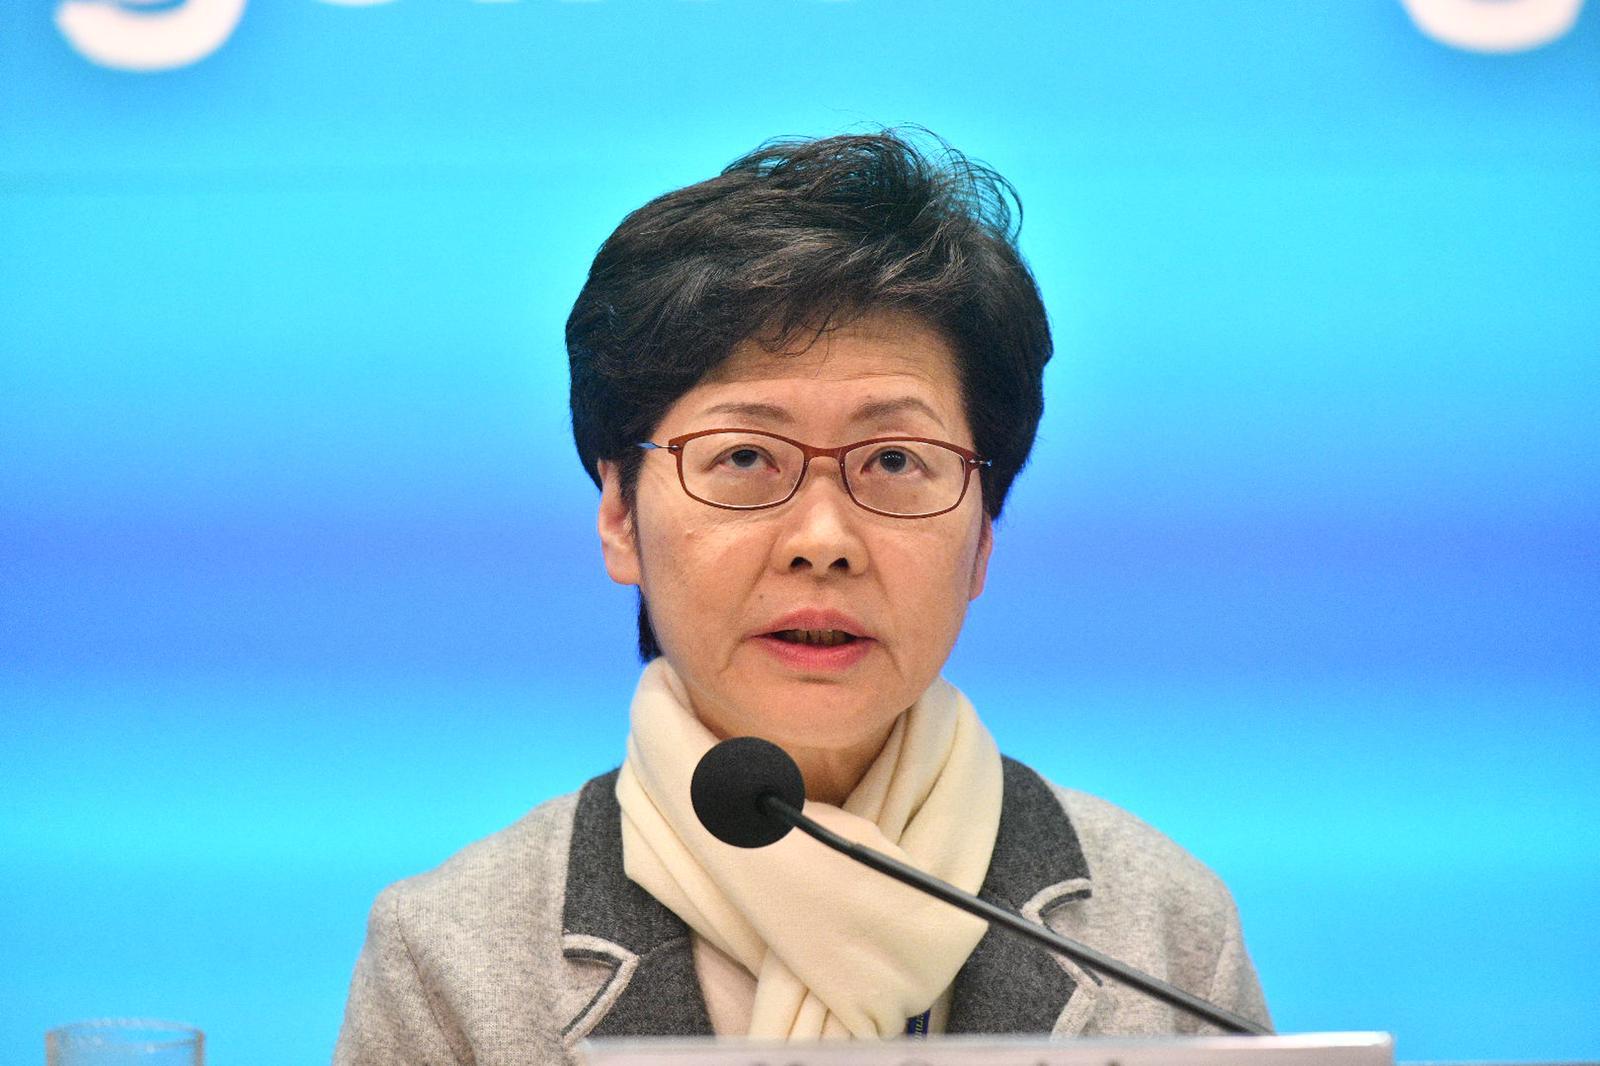 林郑月娥:无限期暂停来往武汉的航班和高铁